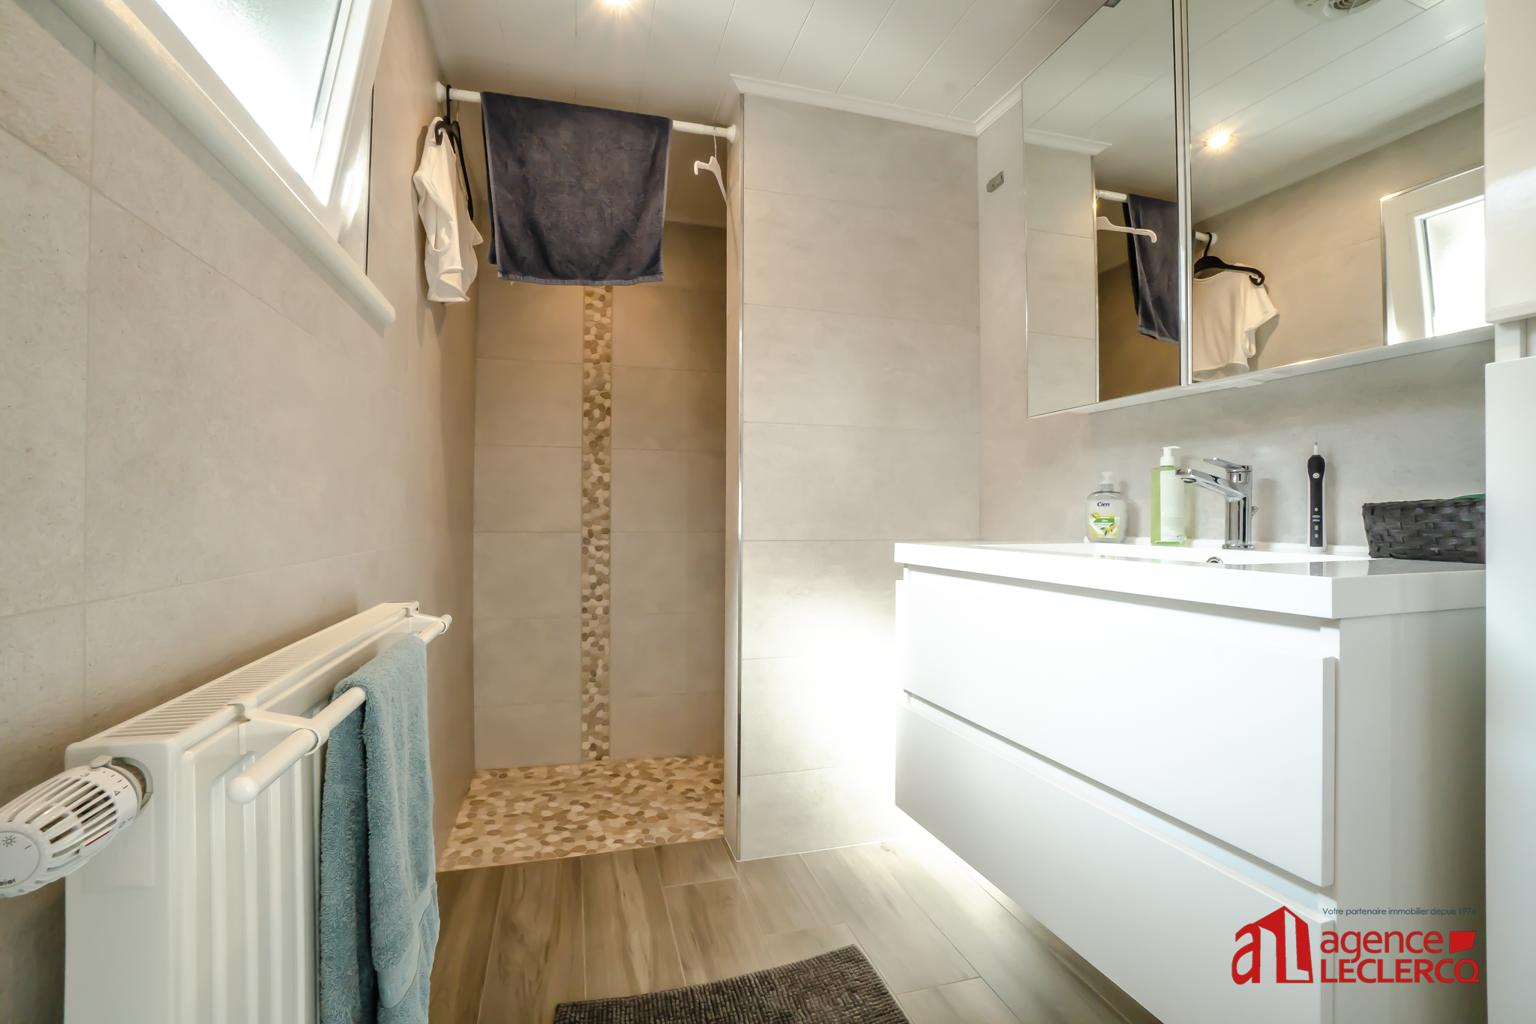 Maison - Tournai - #4518420-10